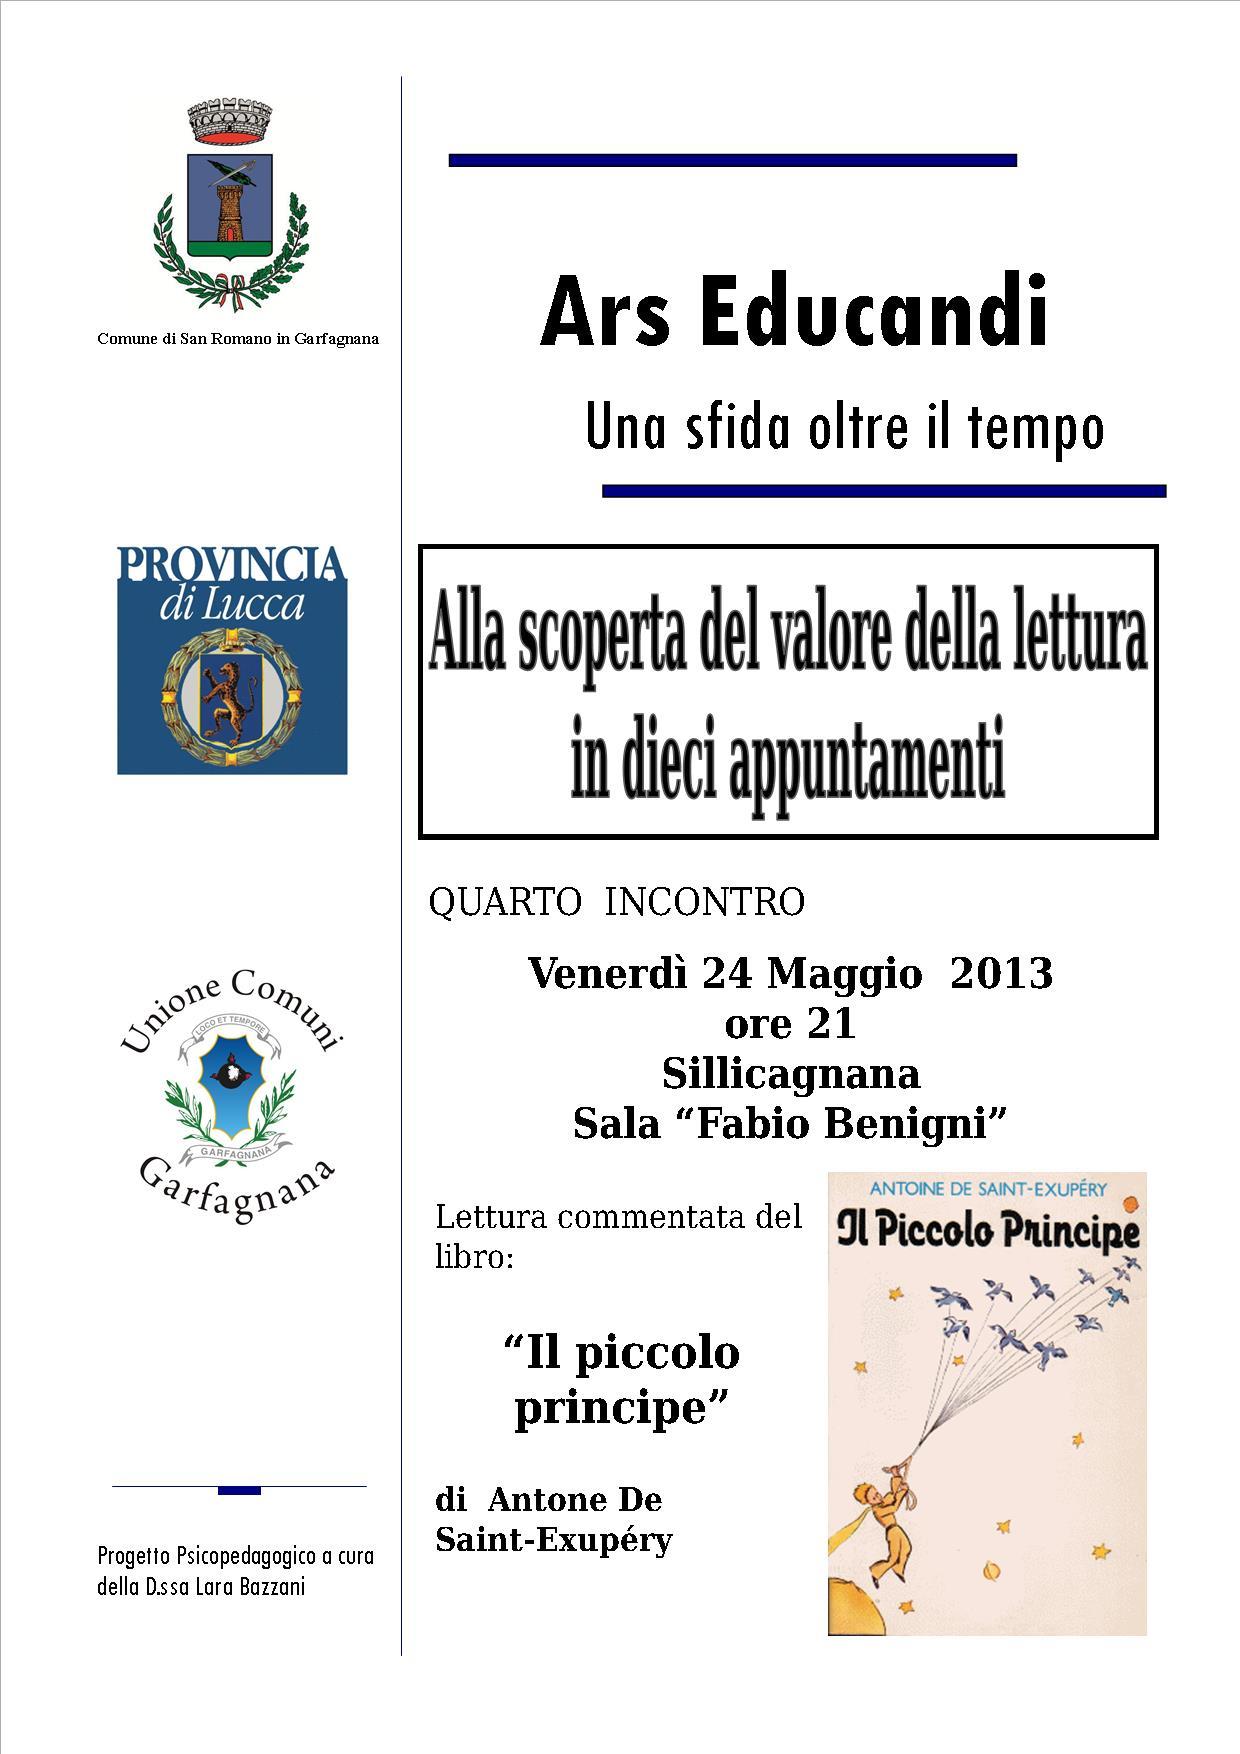 Volantino_progetto_lettura_piccolo_principe_.jpg